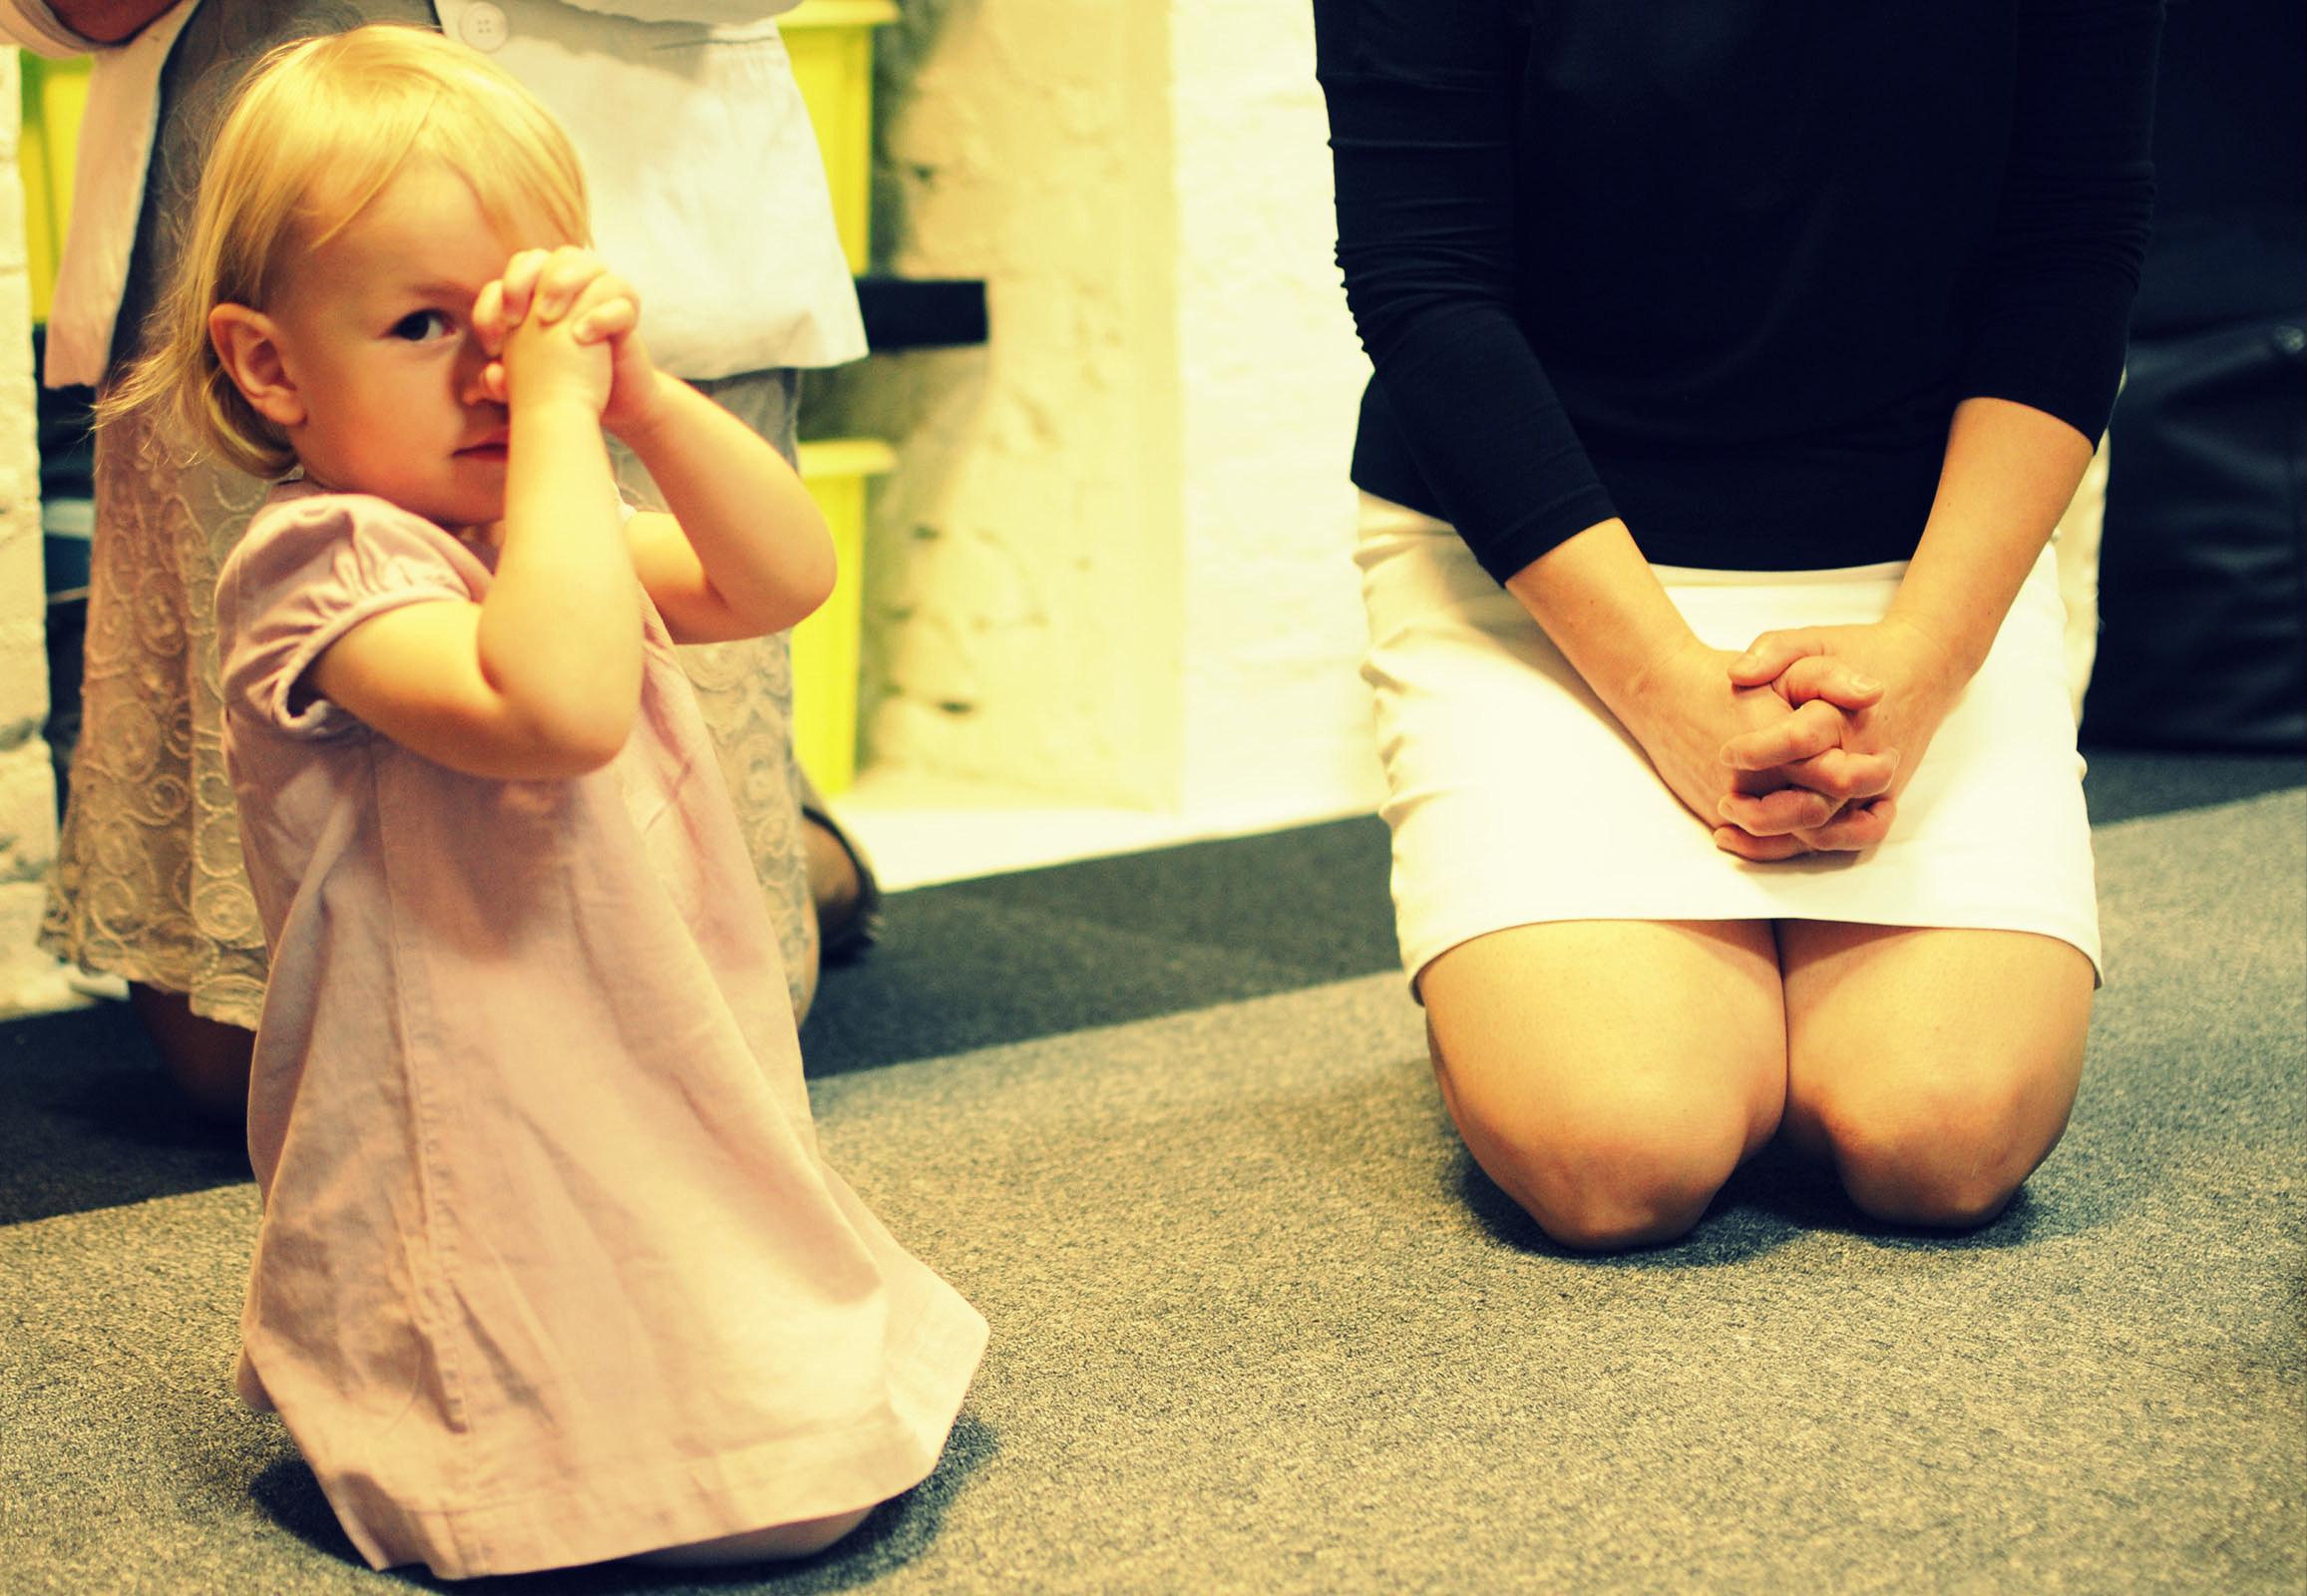 dzieci rozpoczęły Sobotę wspólnymi zajęciami i modlitwą - bo kontakt z Panem Bogiem jest niezwykle ważny